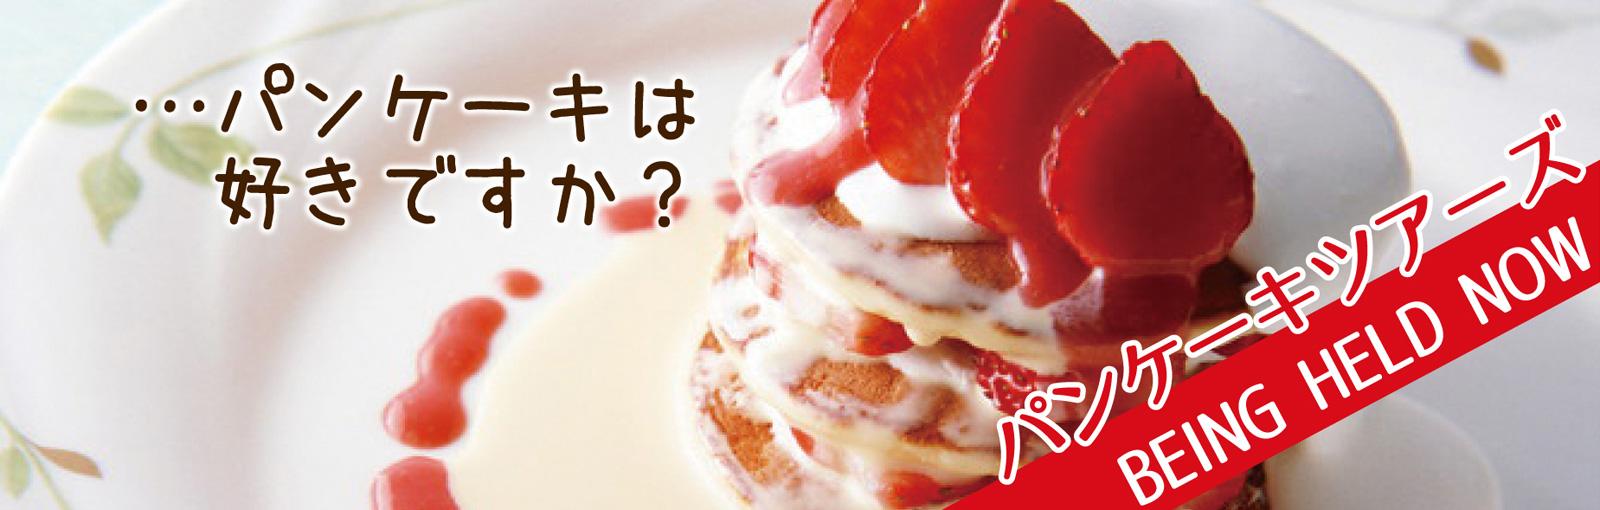 パンケーキは好きですか